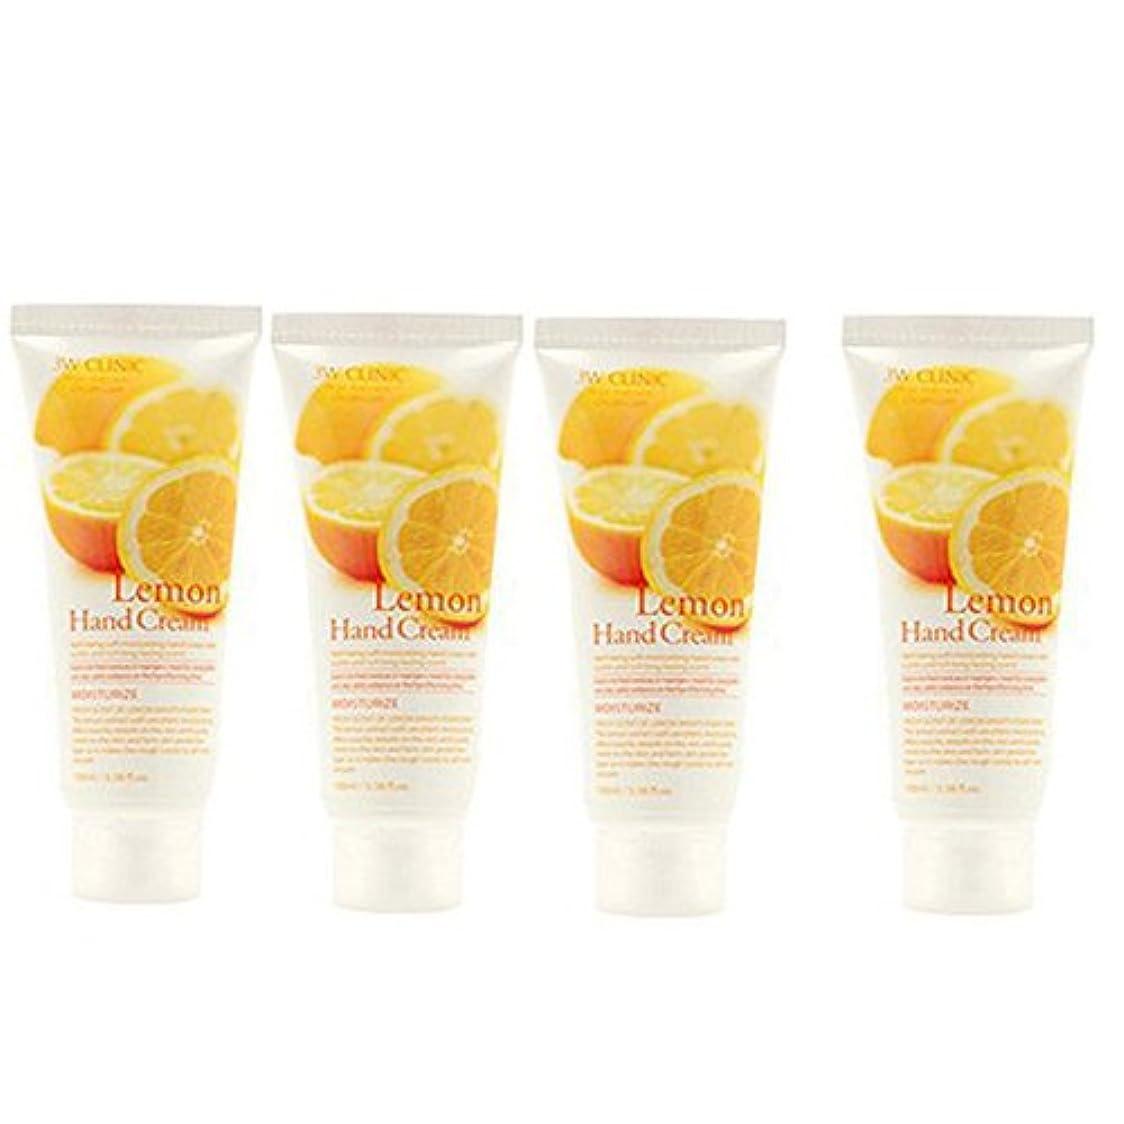 検閲比べるゴールデン3w Clinic[韓国コスメARRAHAN]Moisturizing Lemon Hand Cream モイスチャーリングレモンハンドクリーム100mlX4個 [並行輸入品]